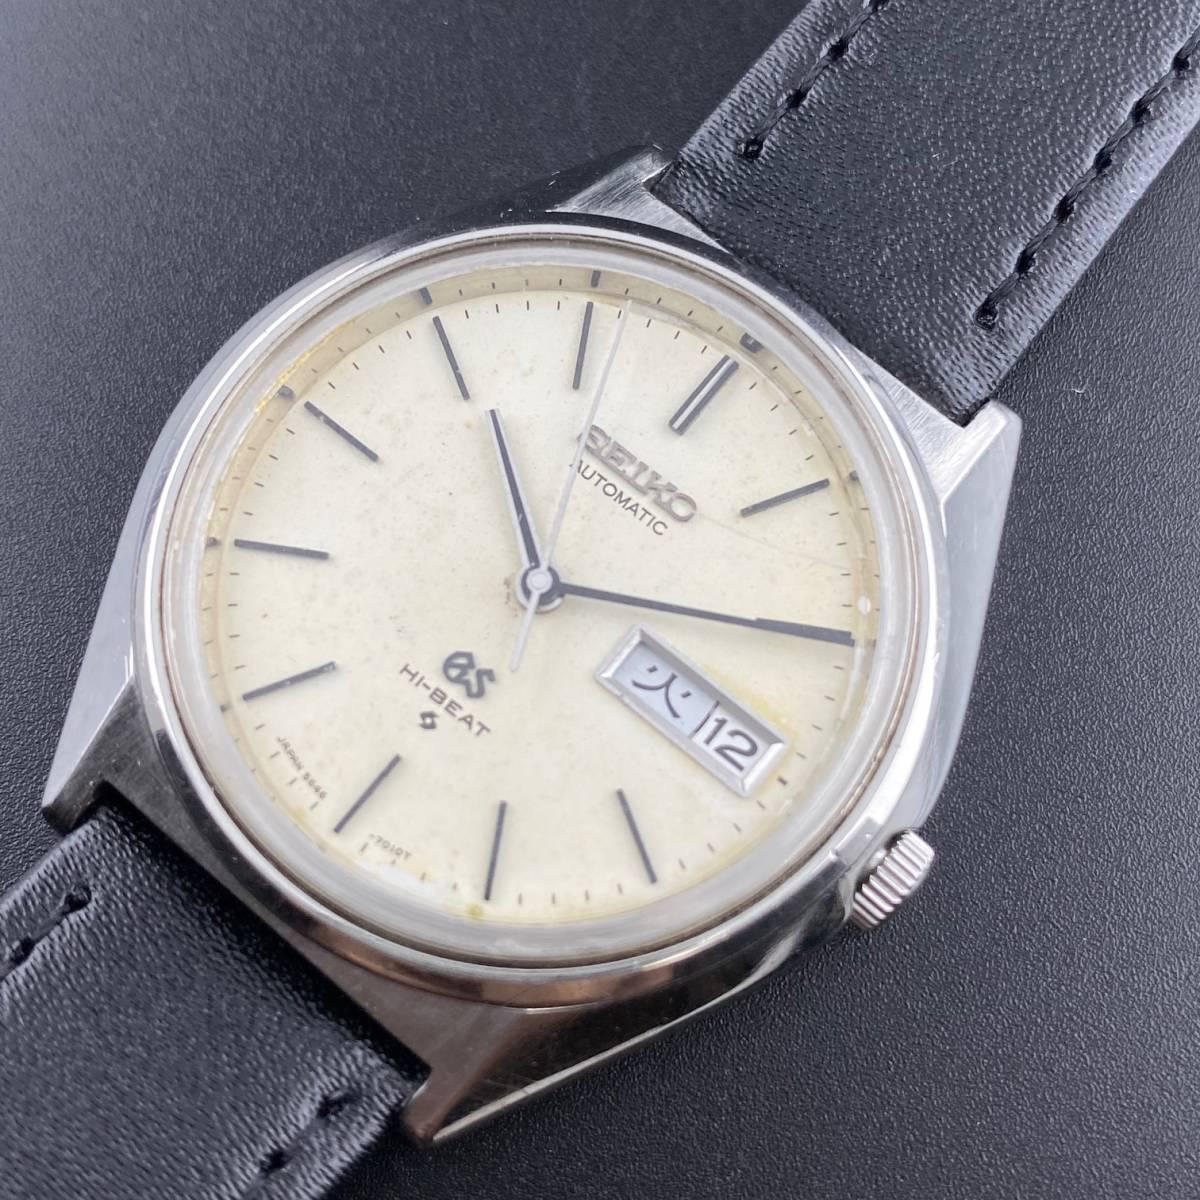 【1円~】GRAND SEIKO グランドセイコー 腕時計 メンズ 自動巻 HI-BEAT ハイビート デイデイト 可動品_画像7